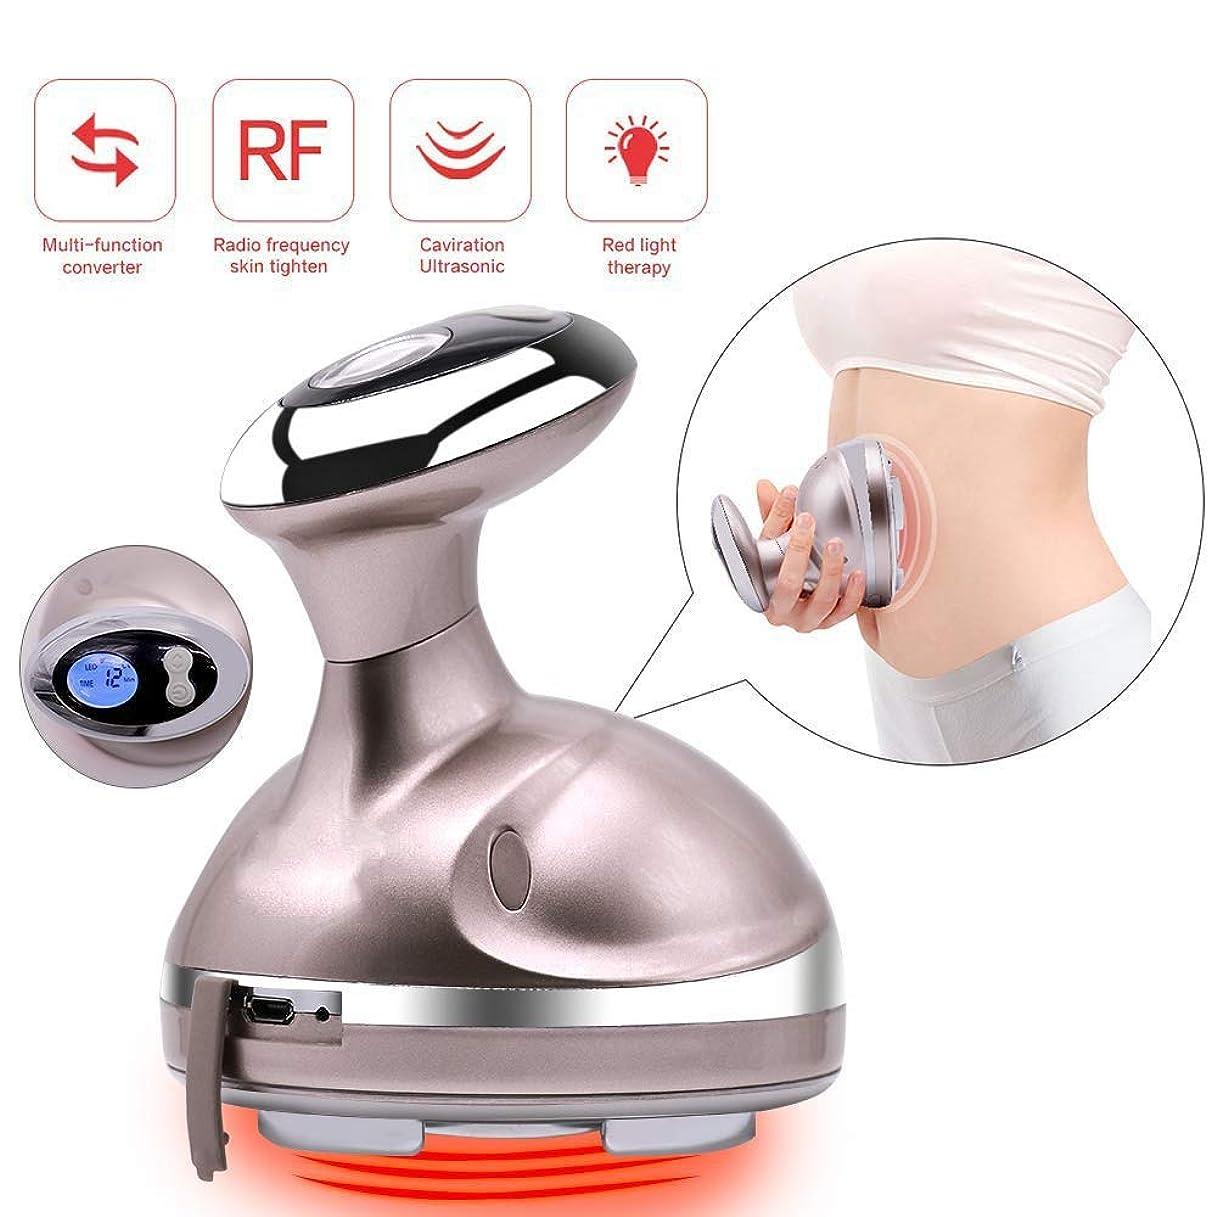 起きろコカイン続編USB 1に付きボディ形成のマッサージャーの無線周波数装置の赤灯の振動脂肪質の取り外し機械、減量機械RFのスマートなLCD表示が付いている暖かい細くのマッサージャー